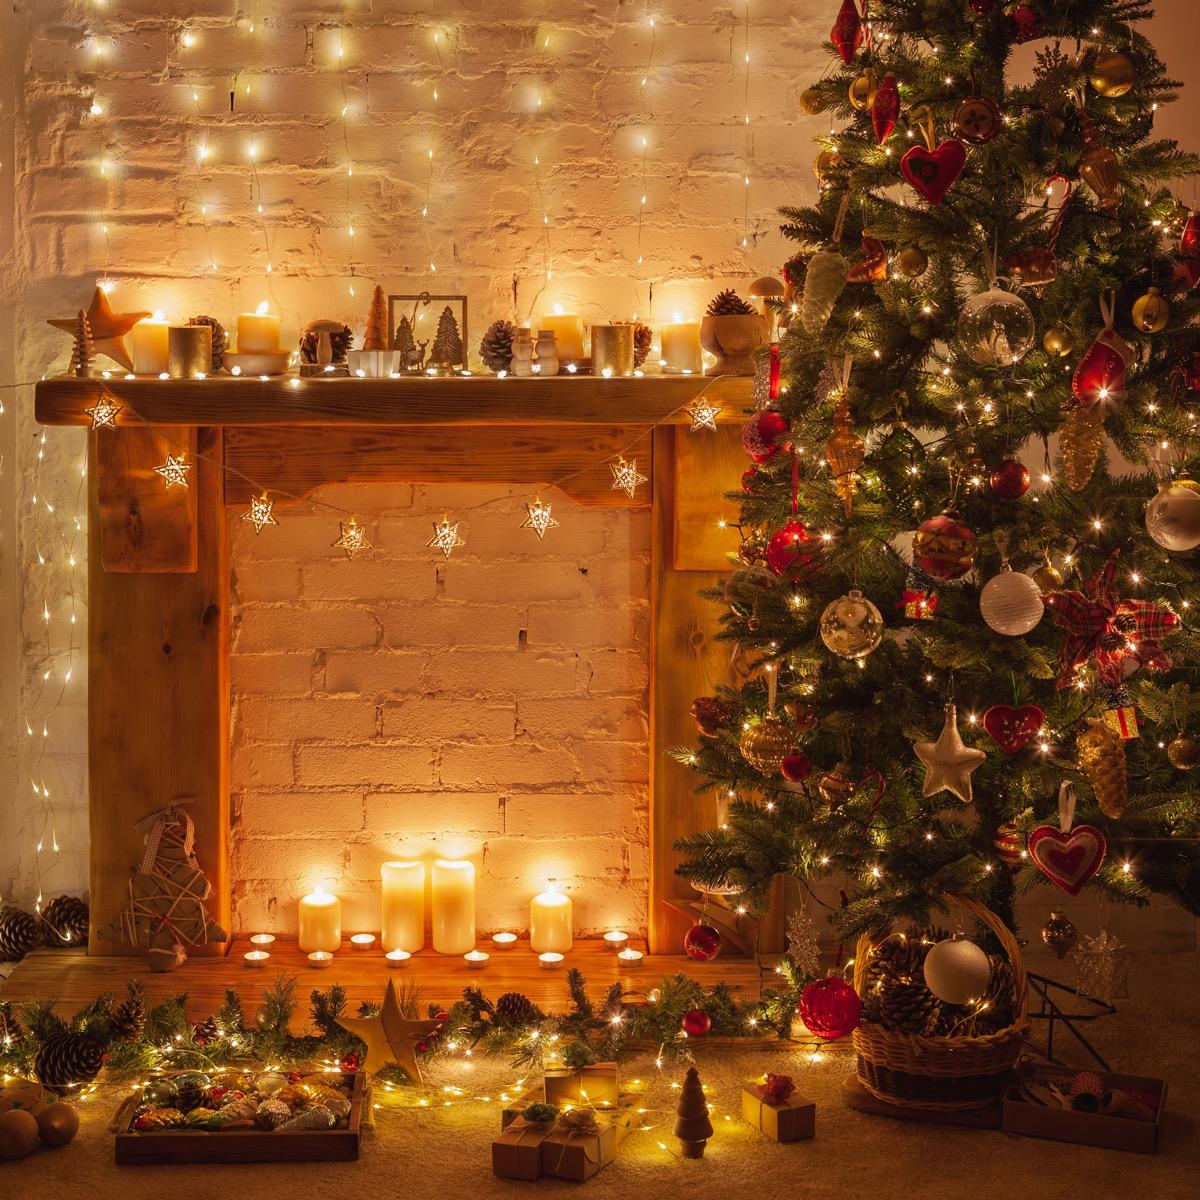 christmas tree near a fireplace